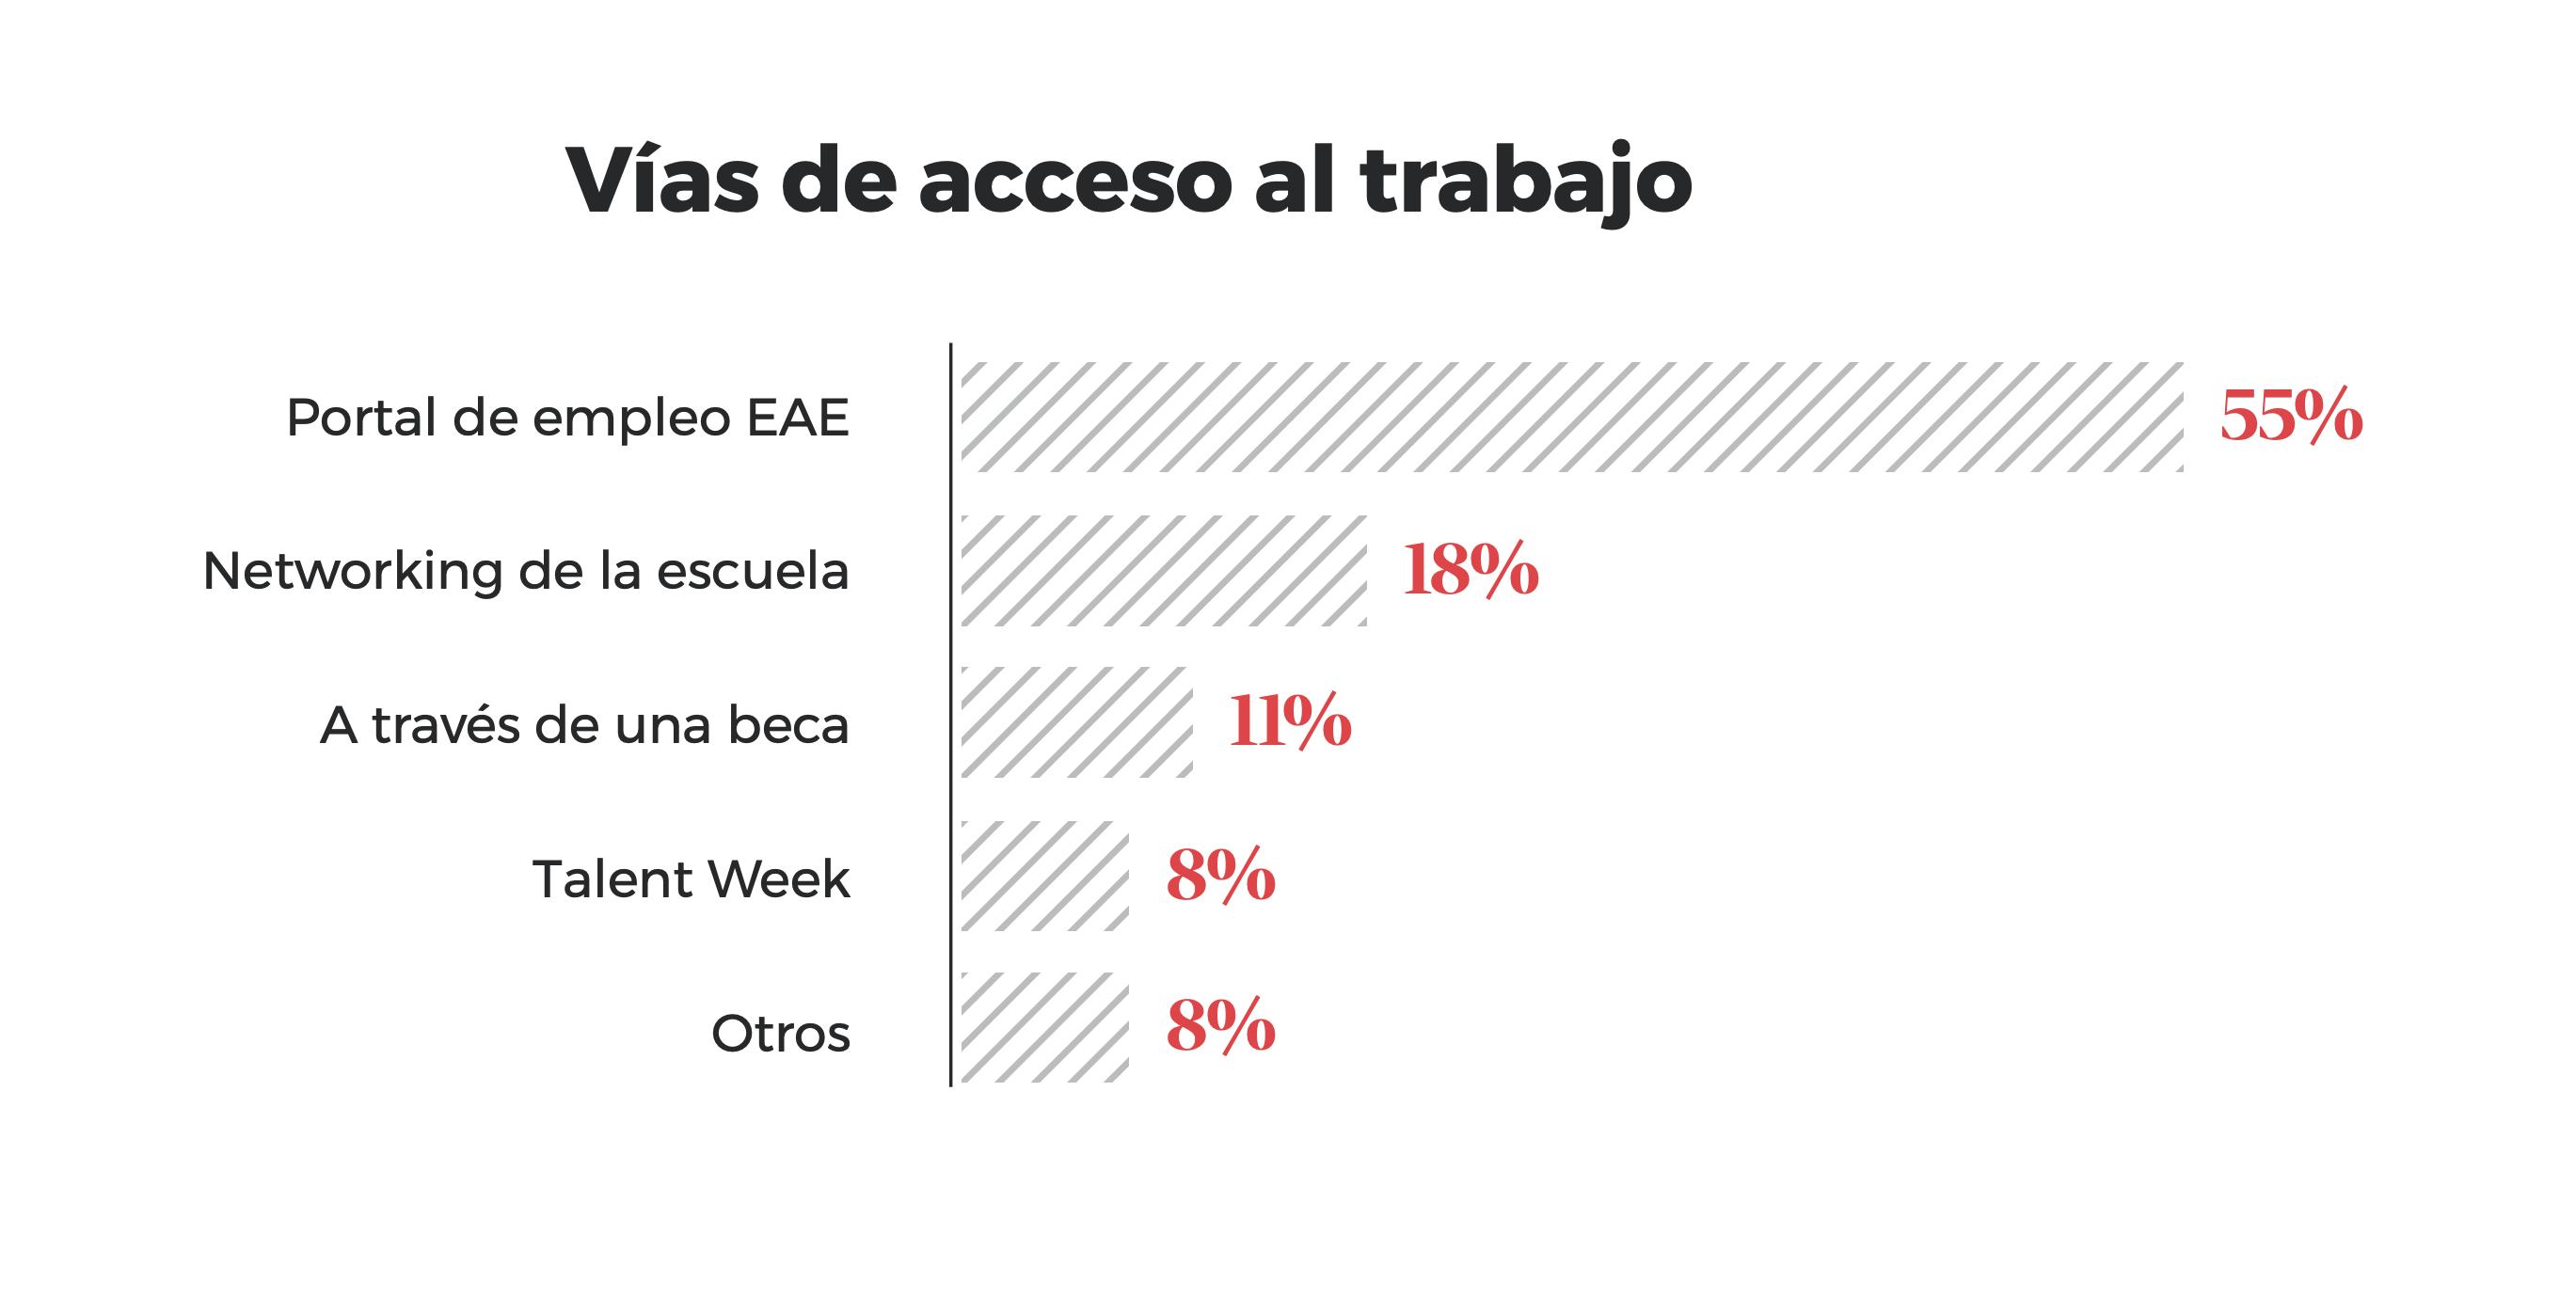 Vias de acceso al trabajo